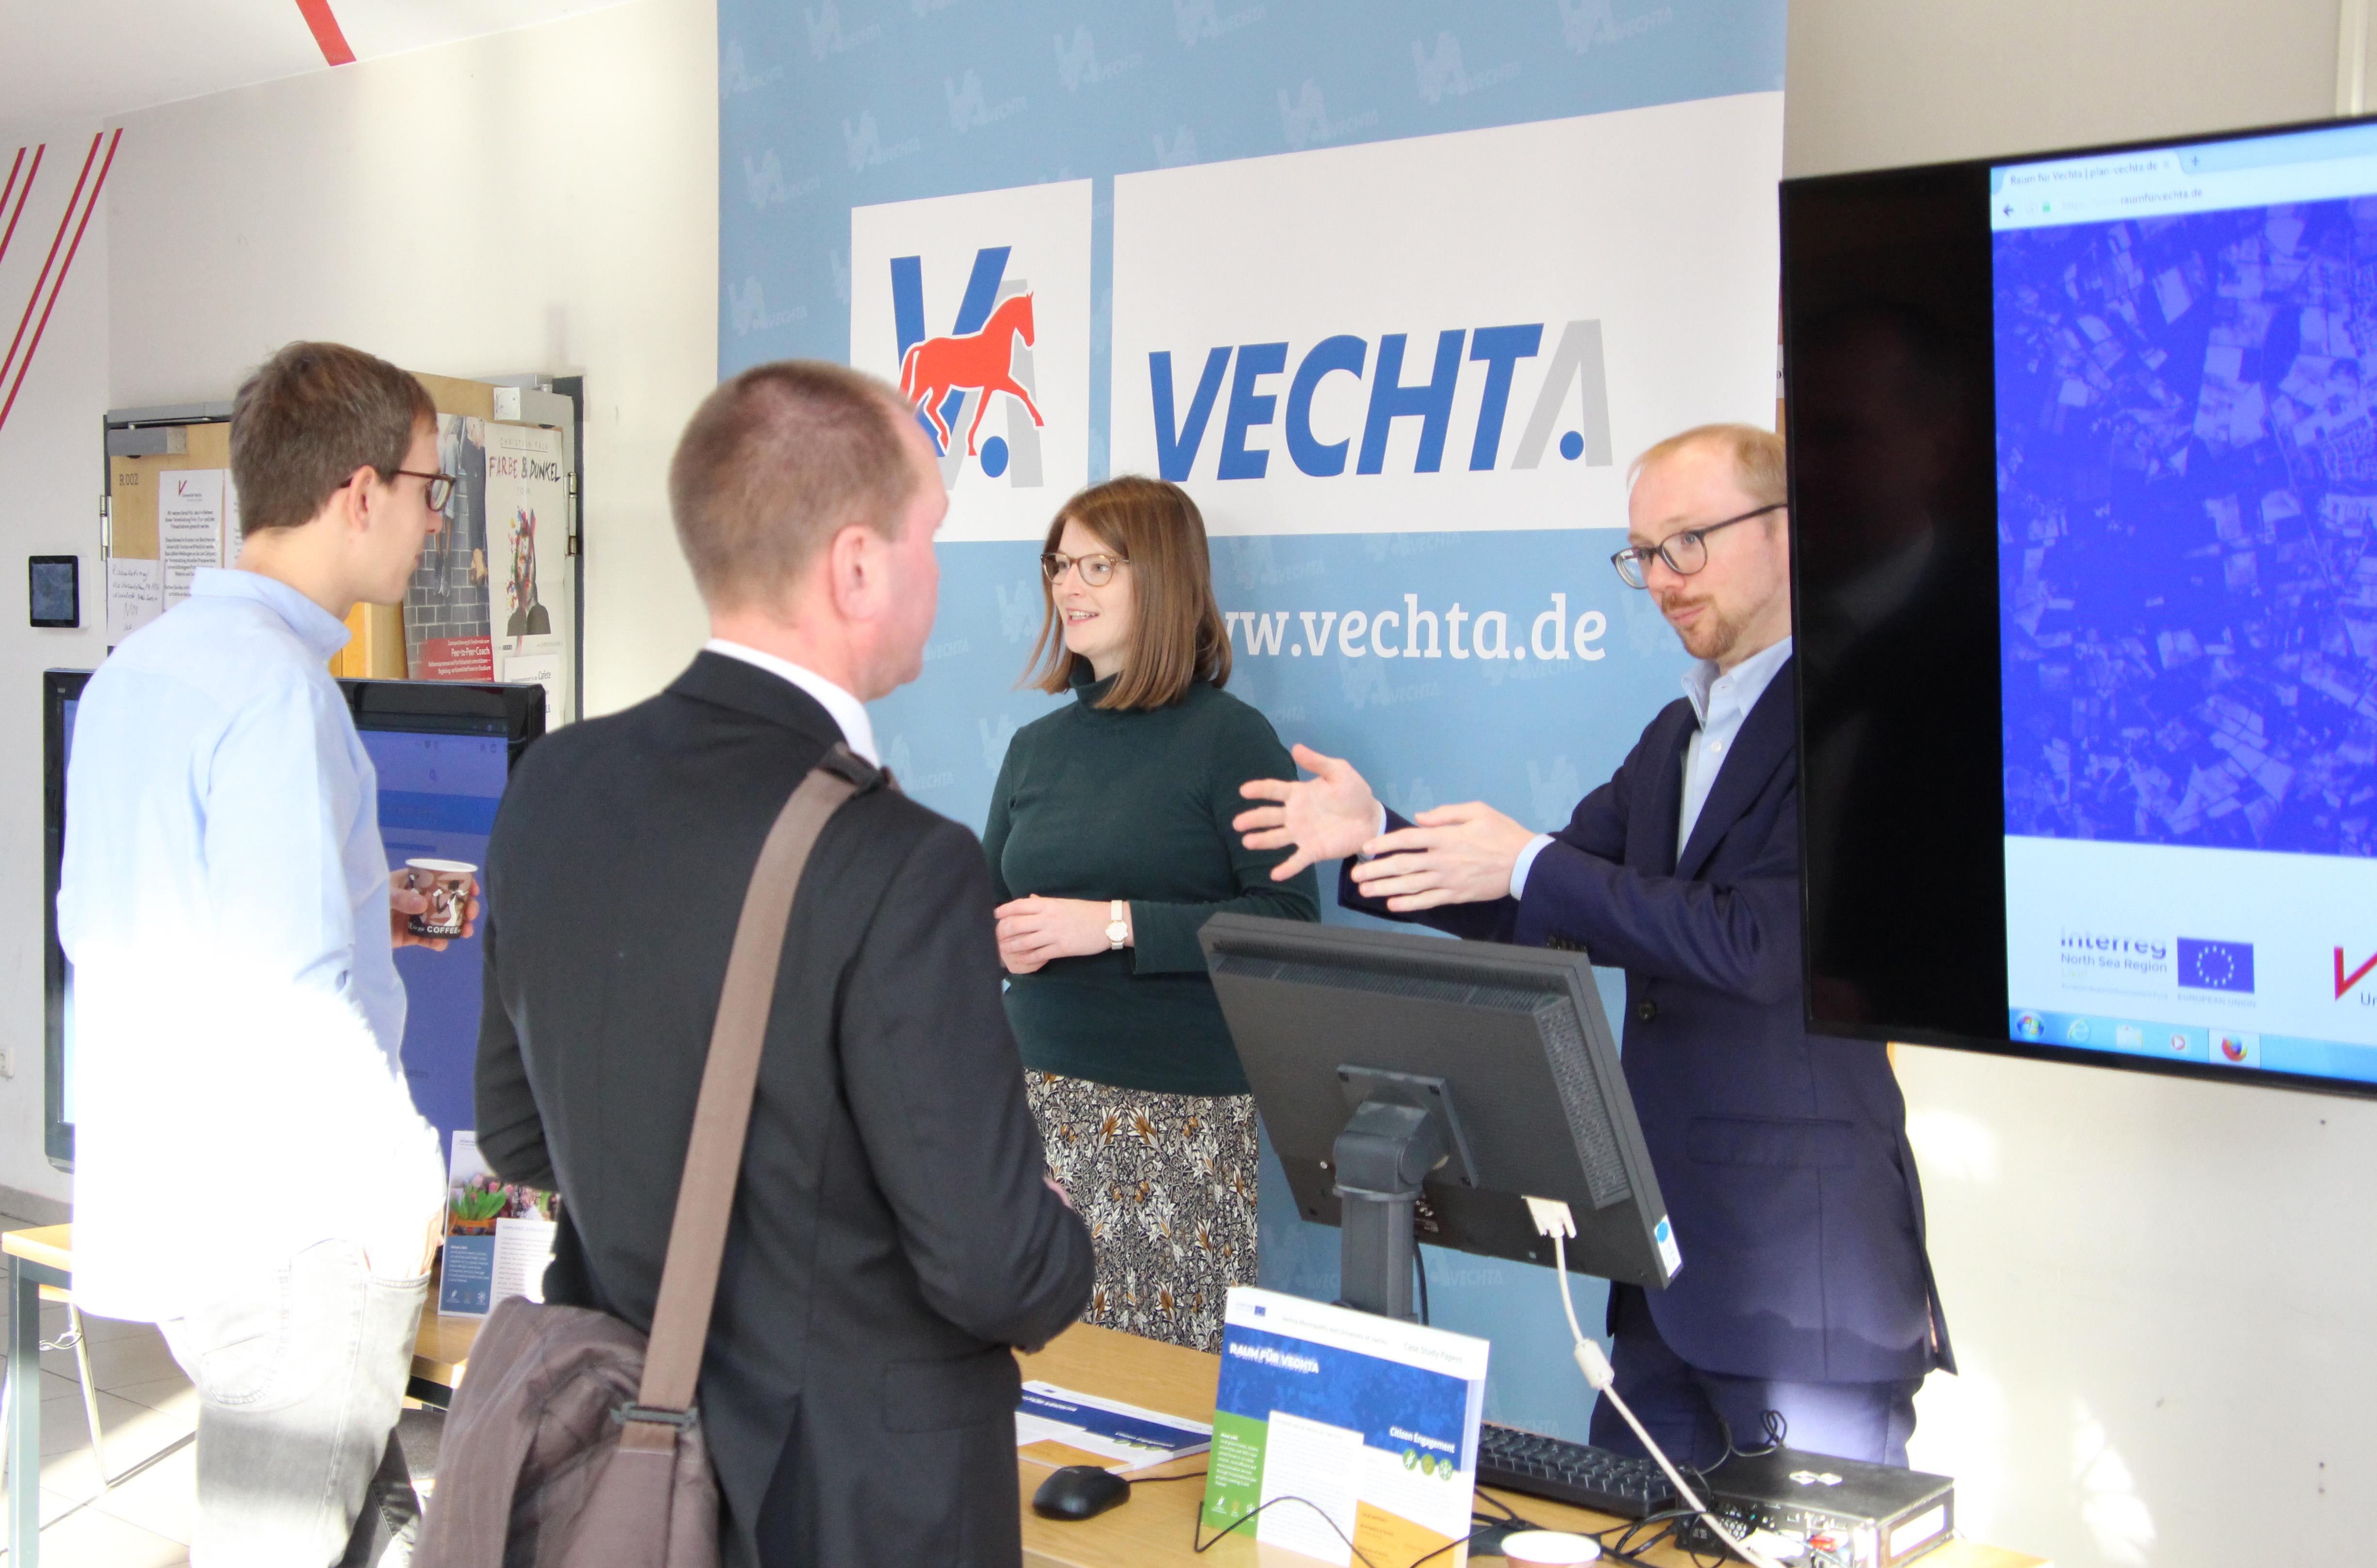 """Bildunterschrift 1: Christina Rasche und Christian Haaks von der Stadt Vechta erläutern das Tool """"Raum für Vechta."""""""